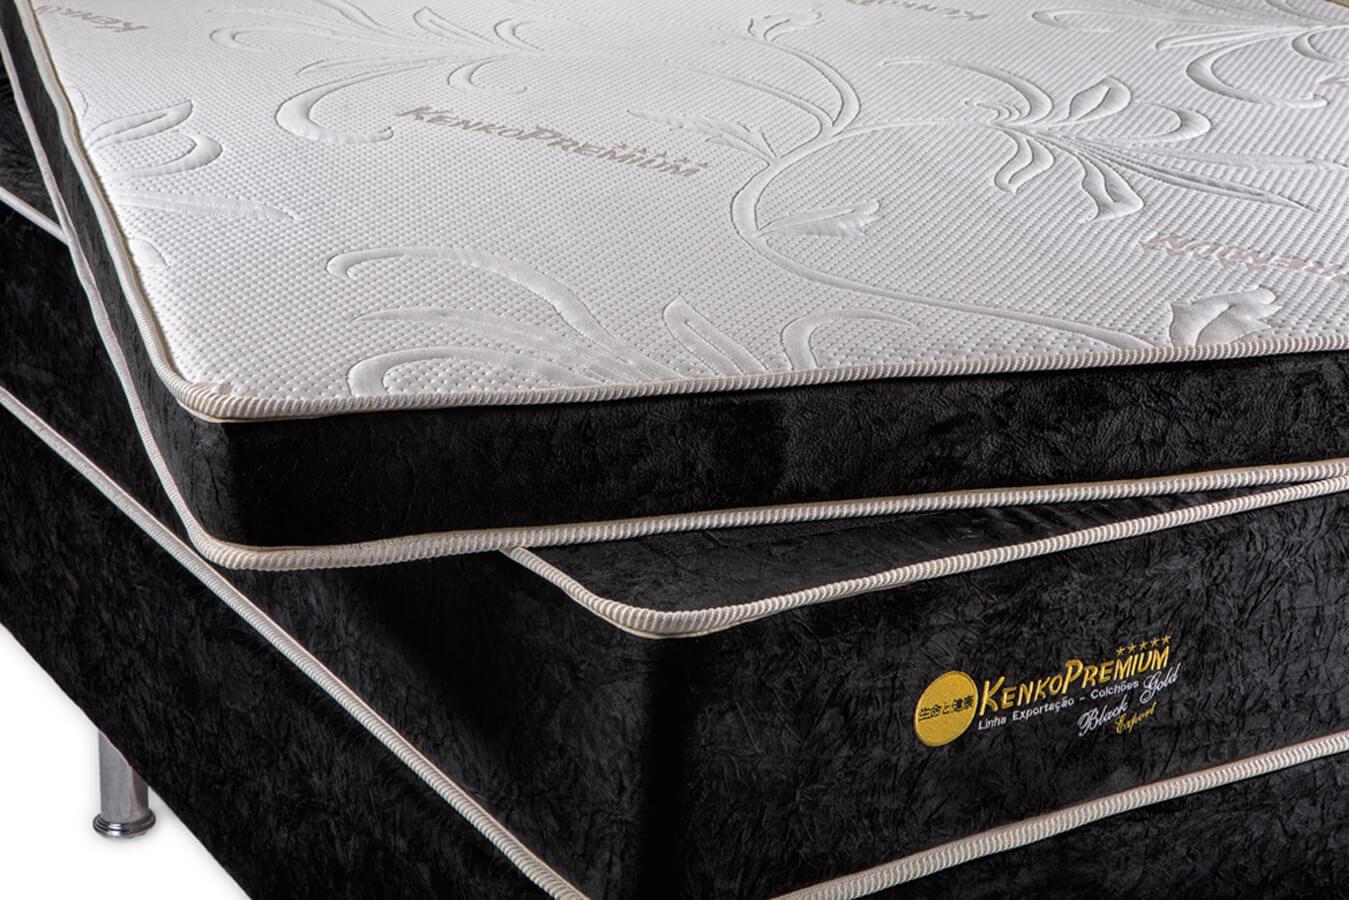 Colchão Magnético Kenko Premium, Modelo Gold Linha Exportação  - Kenko Premium Colchões